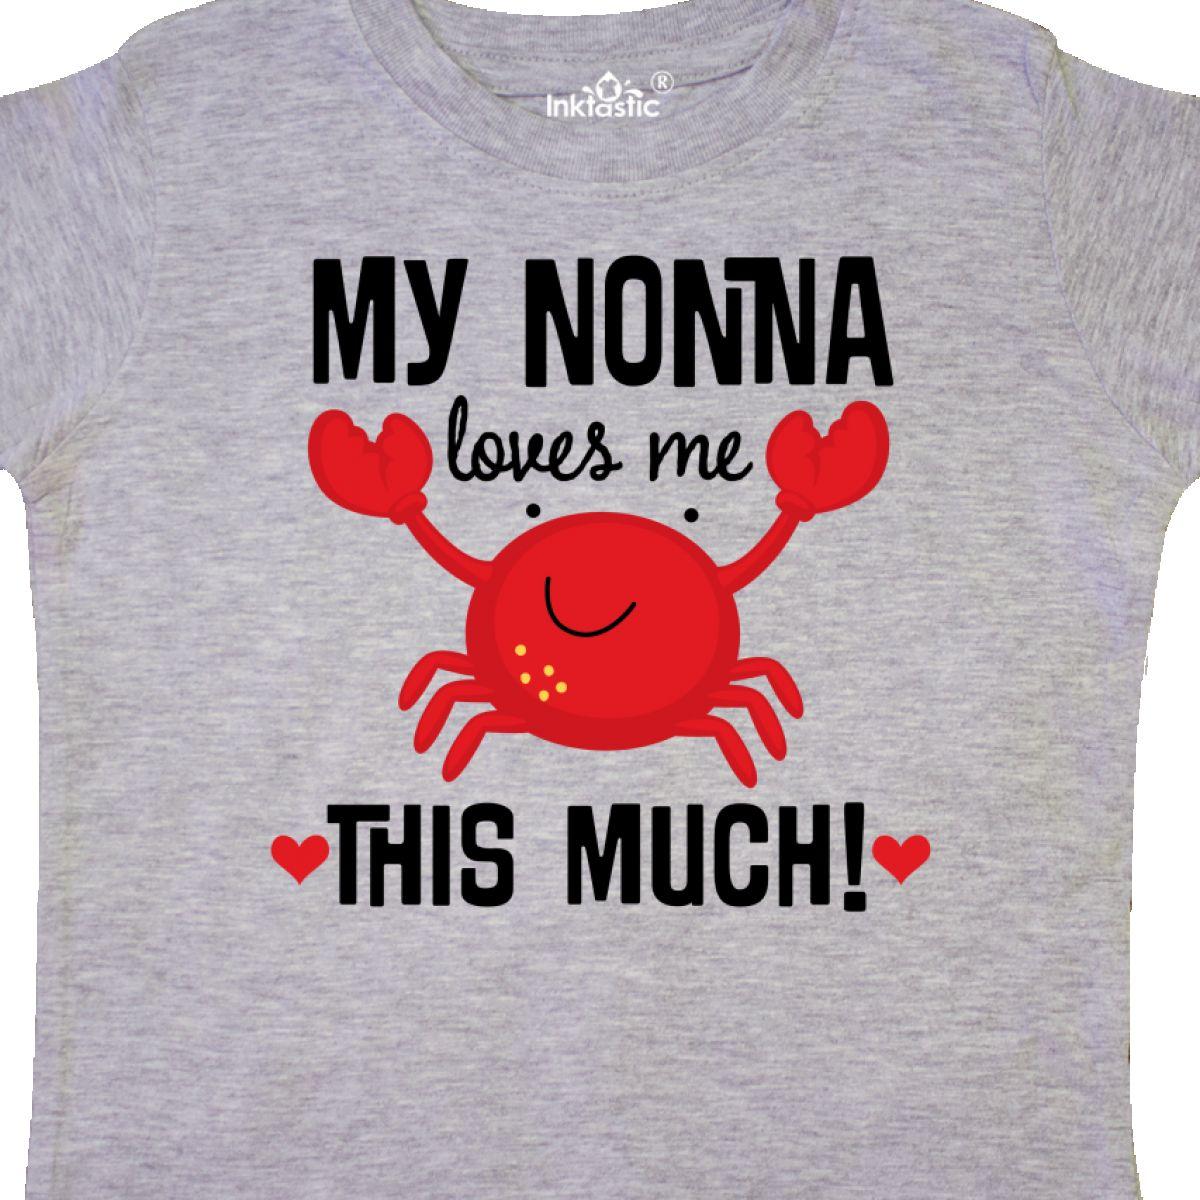 Inktastic-Nonna-Loves-Me-Grandson-Gift-Toddler-T-Shirt-Childs-Grandkids-Boys-Kid thumbnail 8